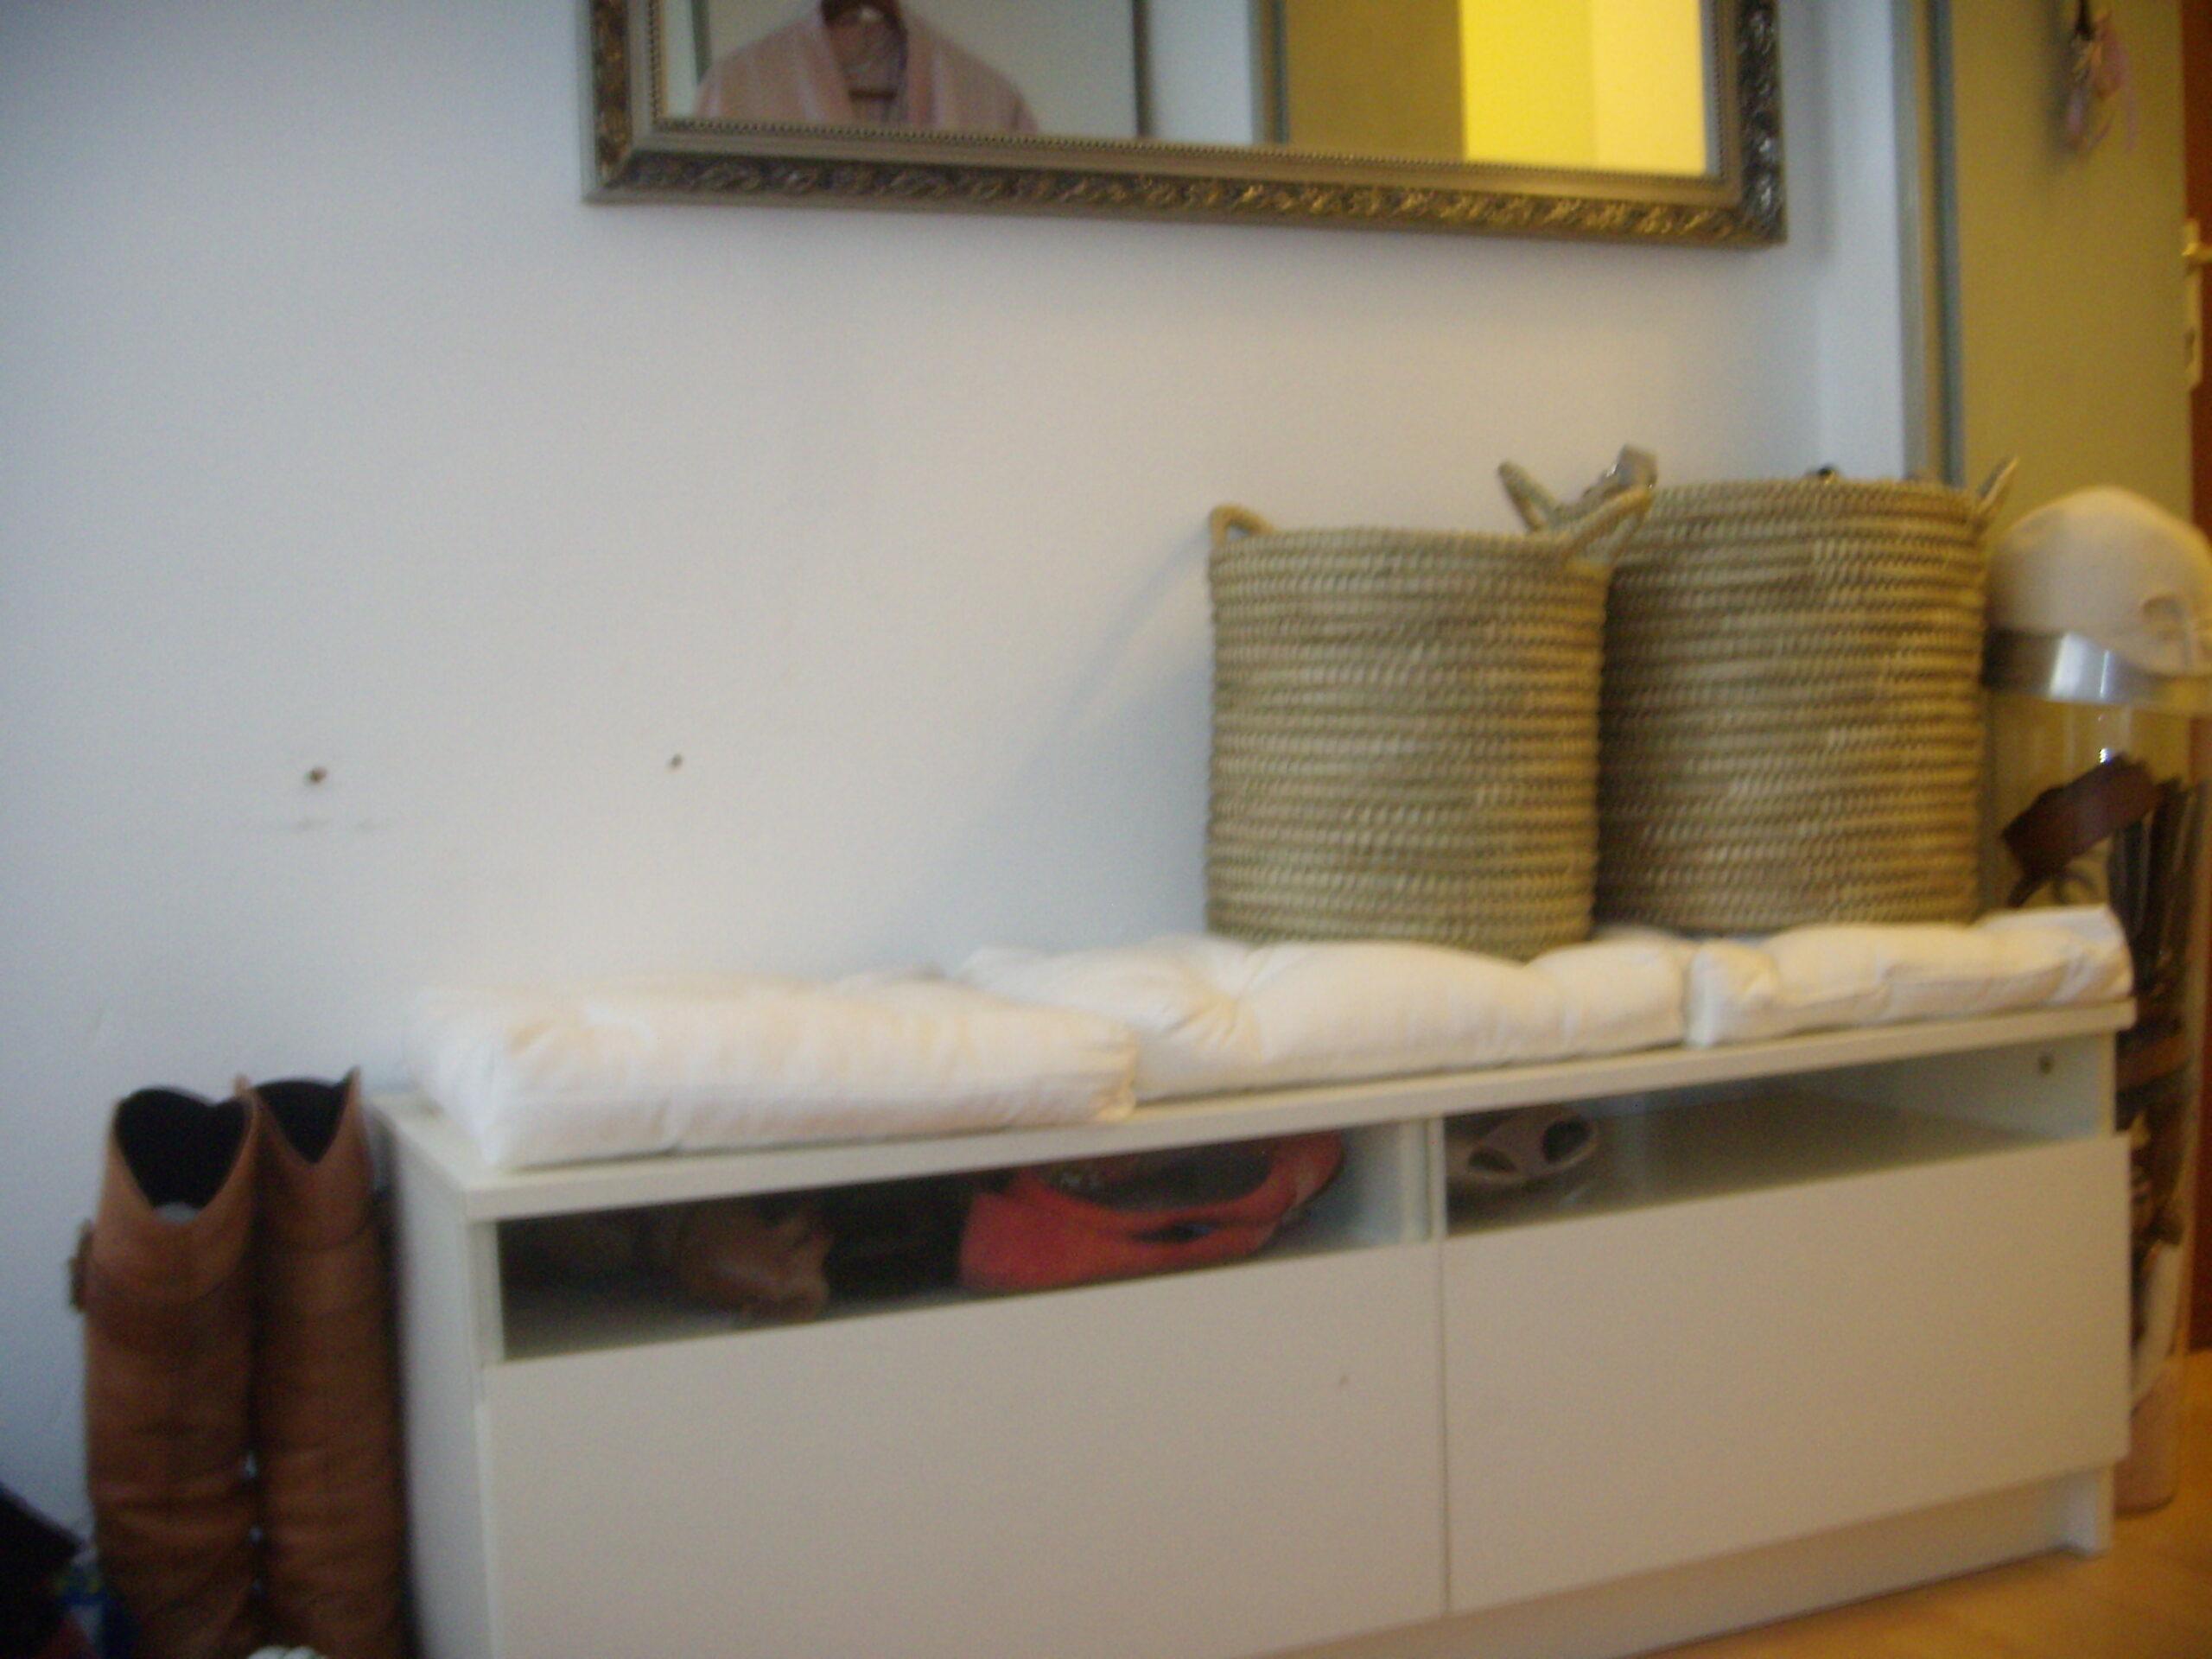 Full Size of Ikea Sitzbank Hack Tv Wand Als Liebt Betten Bei Garten Küche Mit Lehne Bett Modulküche Bad 160x200 Kosten Sofa Schlaffunktion Schlafzimmer Kaufen Miniküche Wohnzimmer Ikea Sitzbank